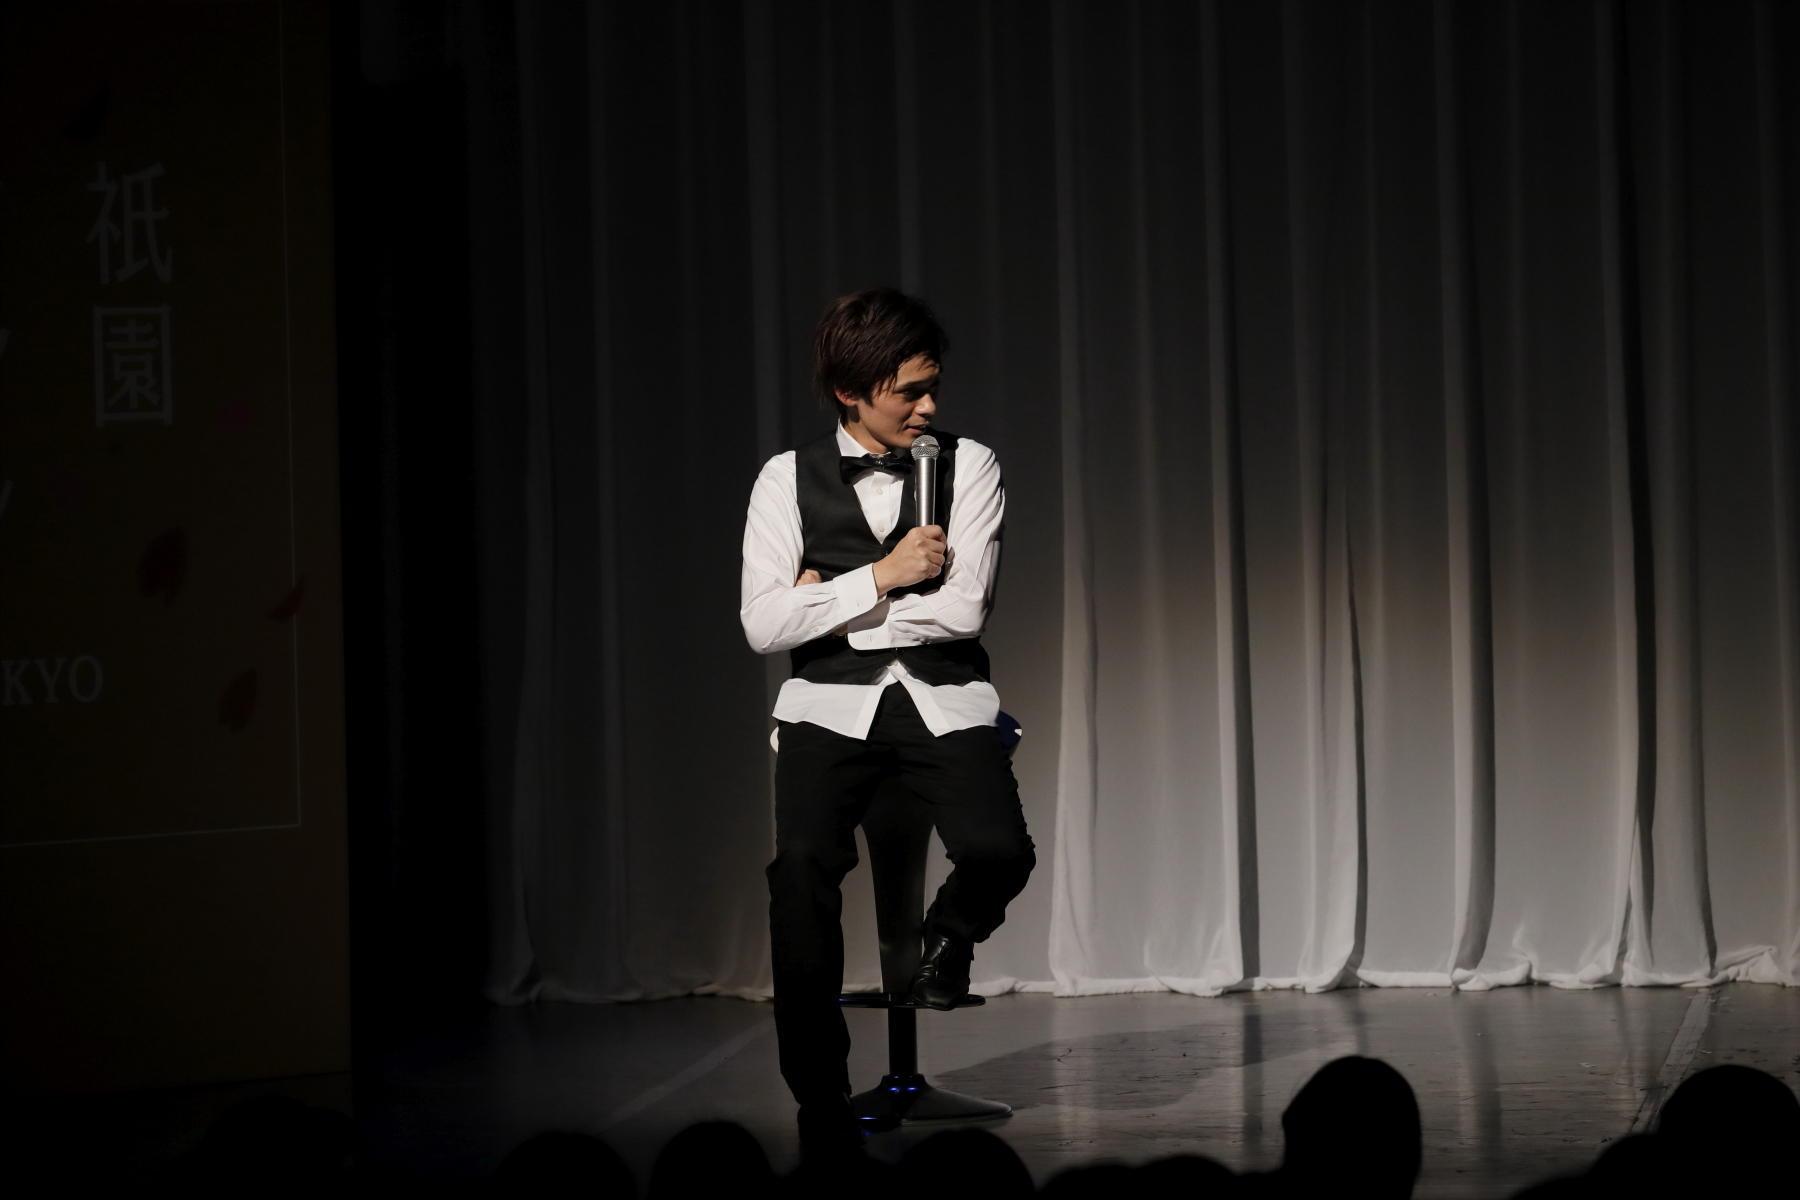 http://news.yoshimoto.co.jp/20181204230544-7f5909ced585984b3c1802856a7e94c9f4872bbd.jpg